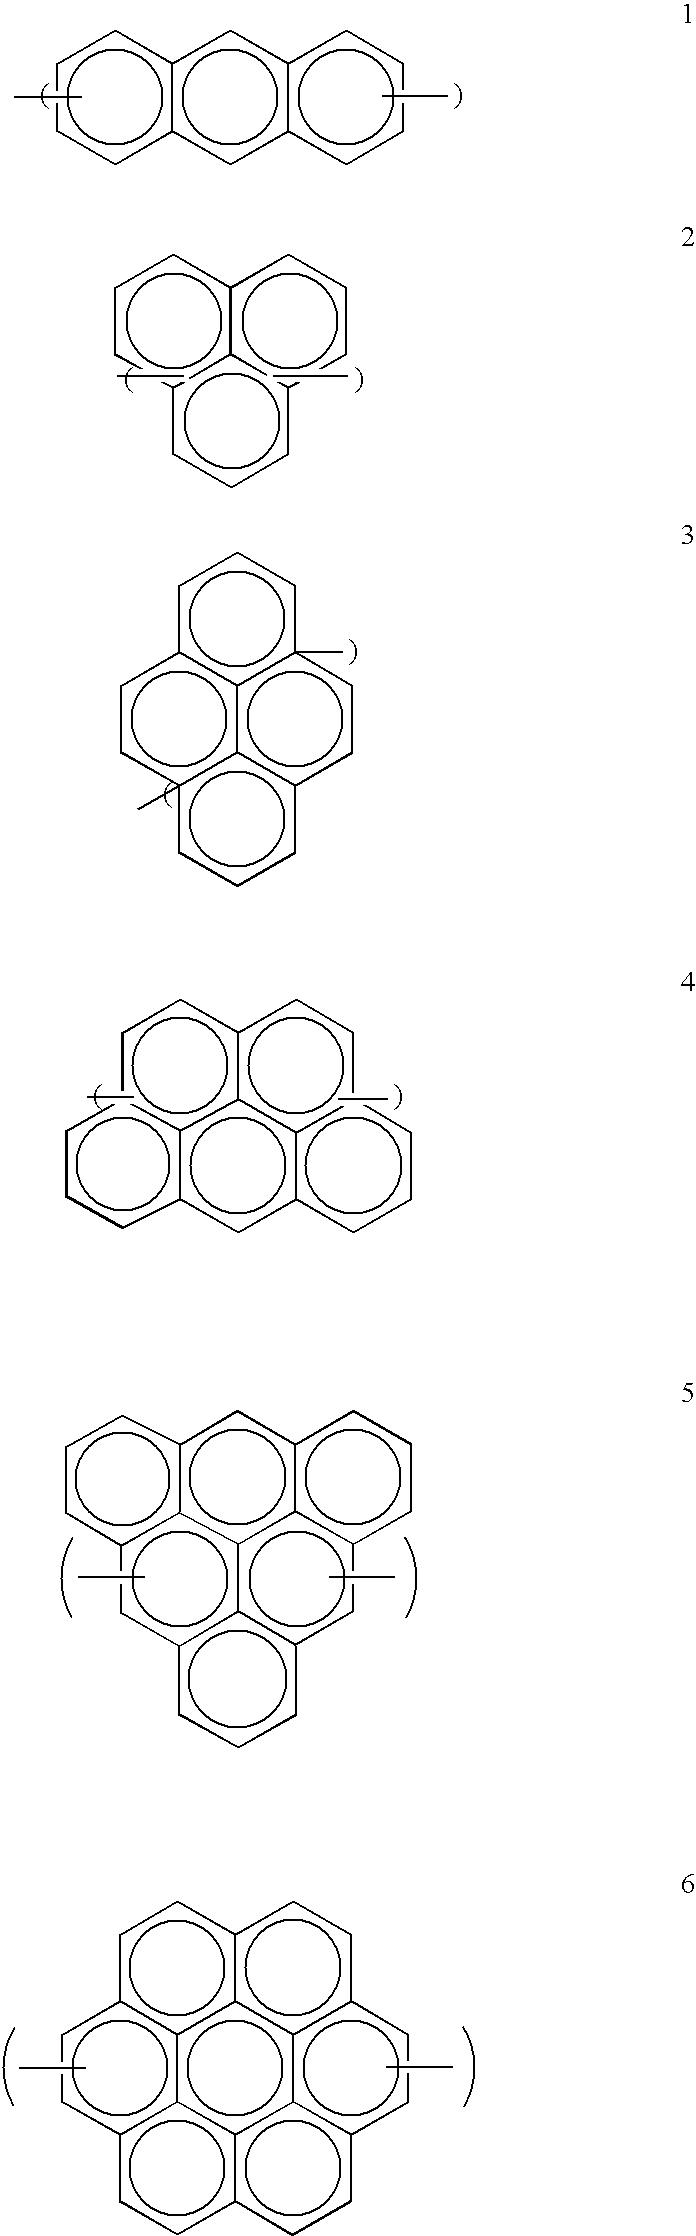 Figure US20100040838A1-20100218-C00002